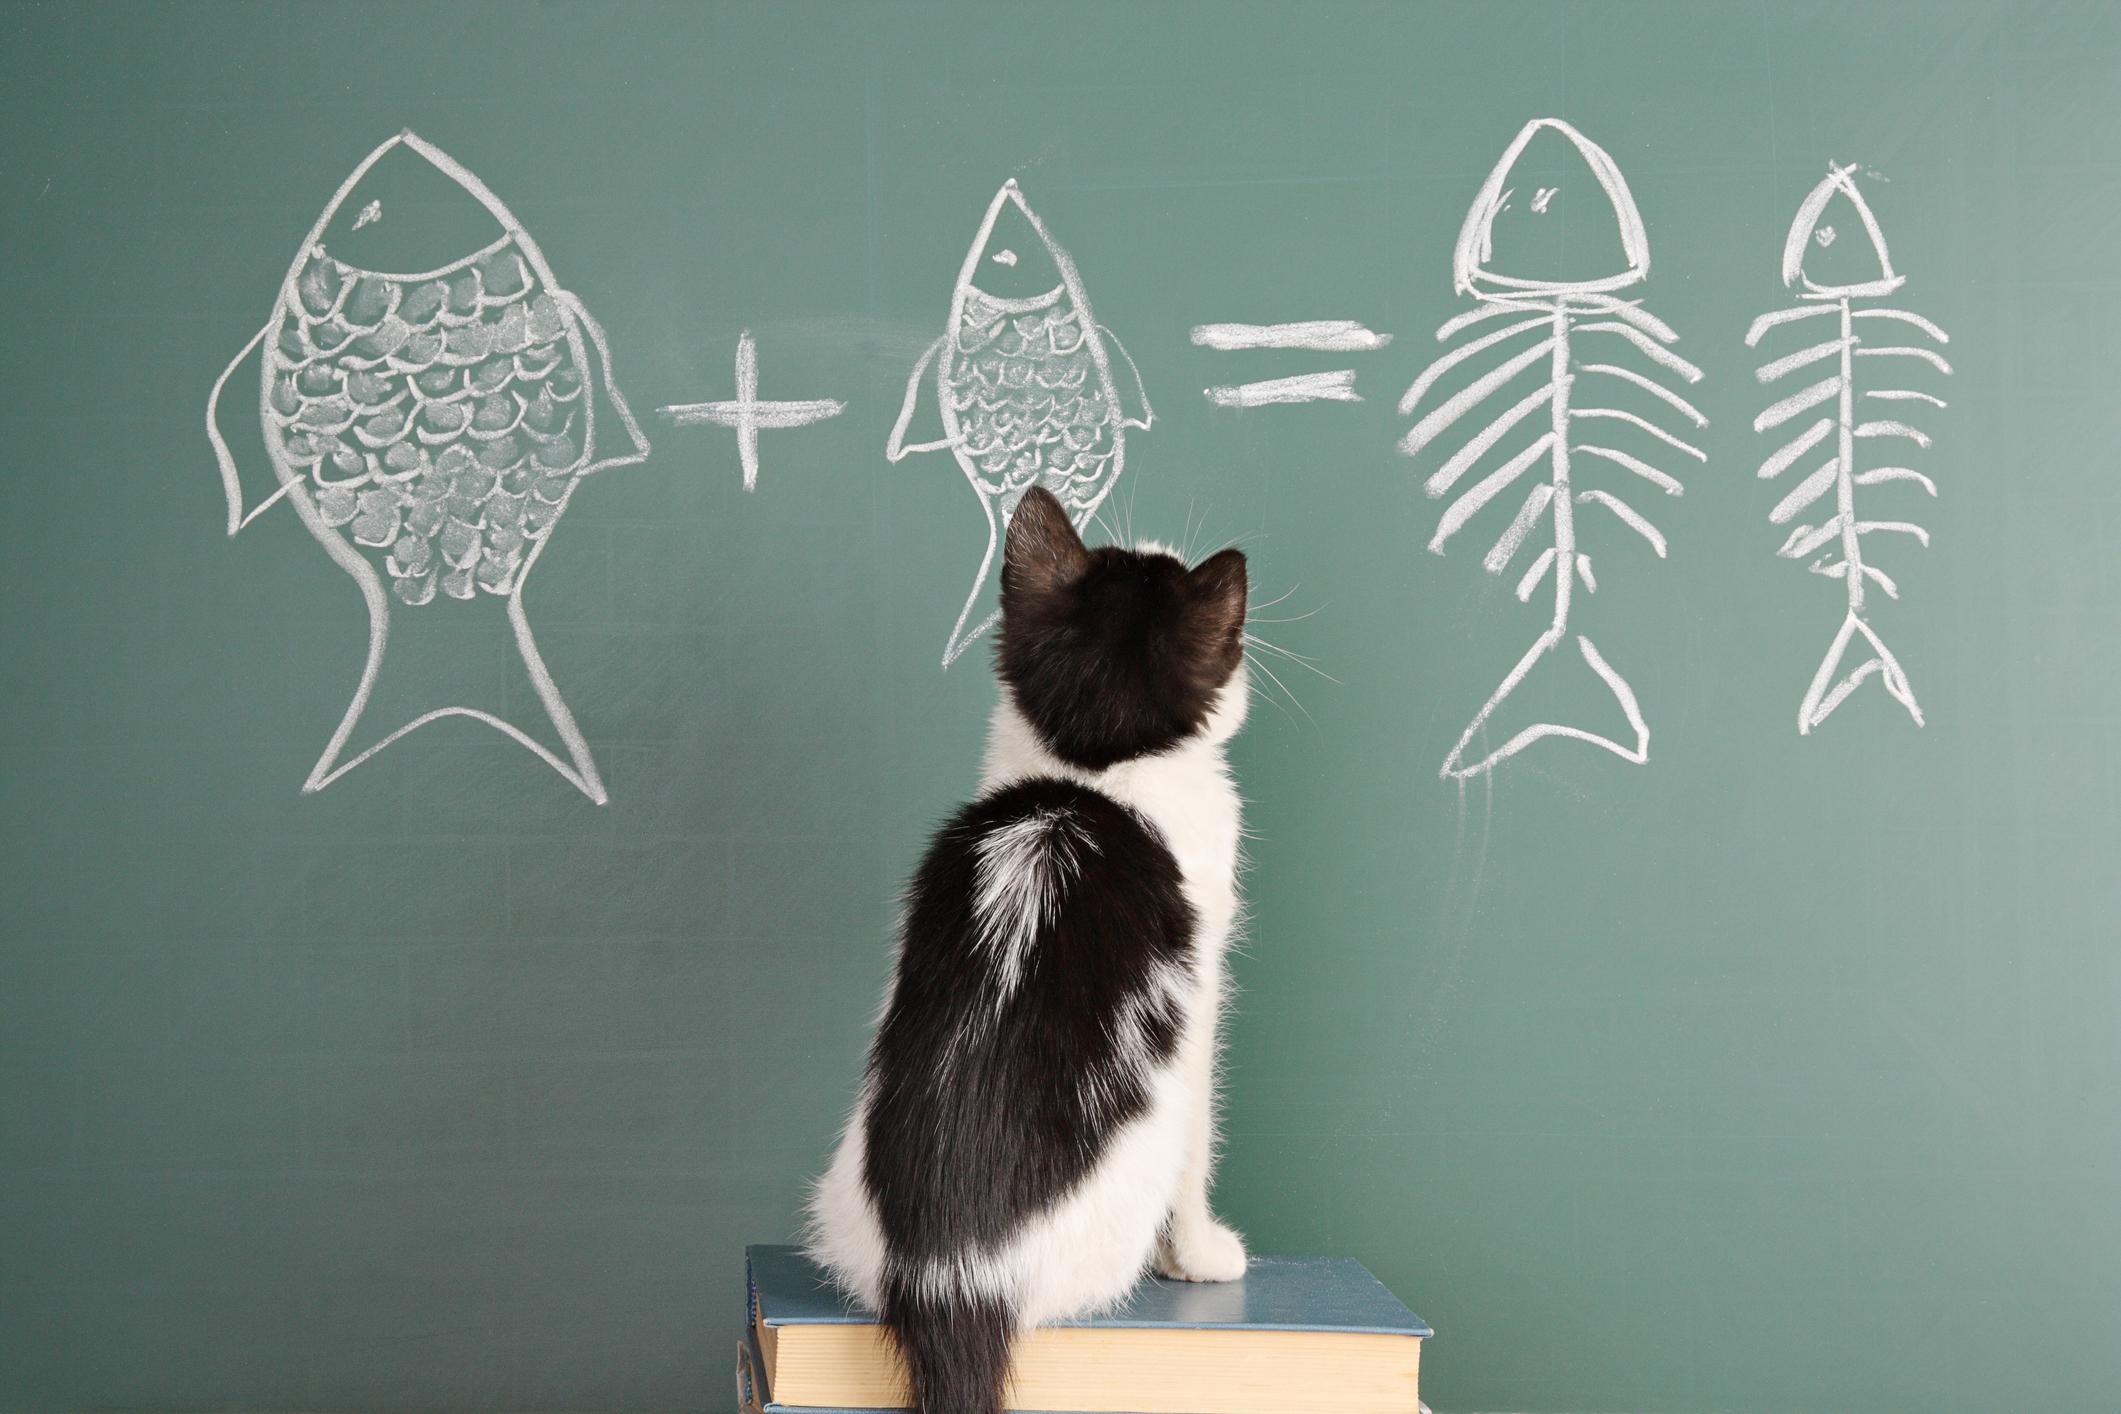 chat intelligent, comptage de chat, intelligence de chat